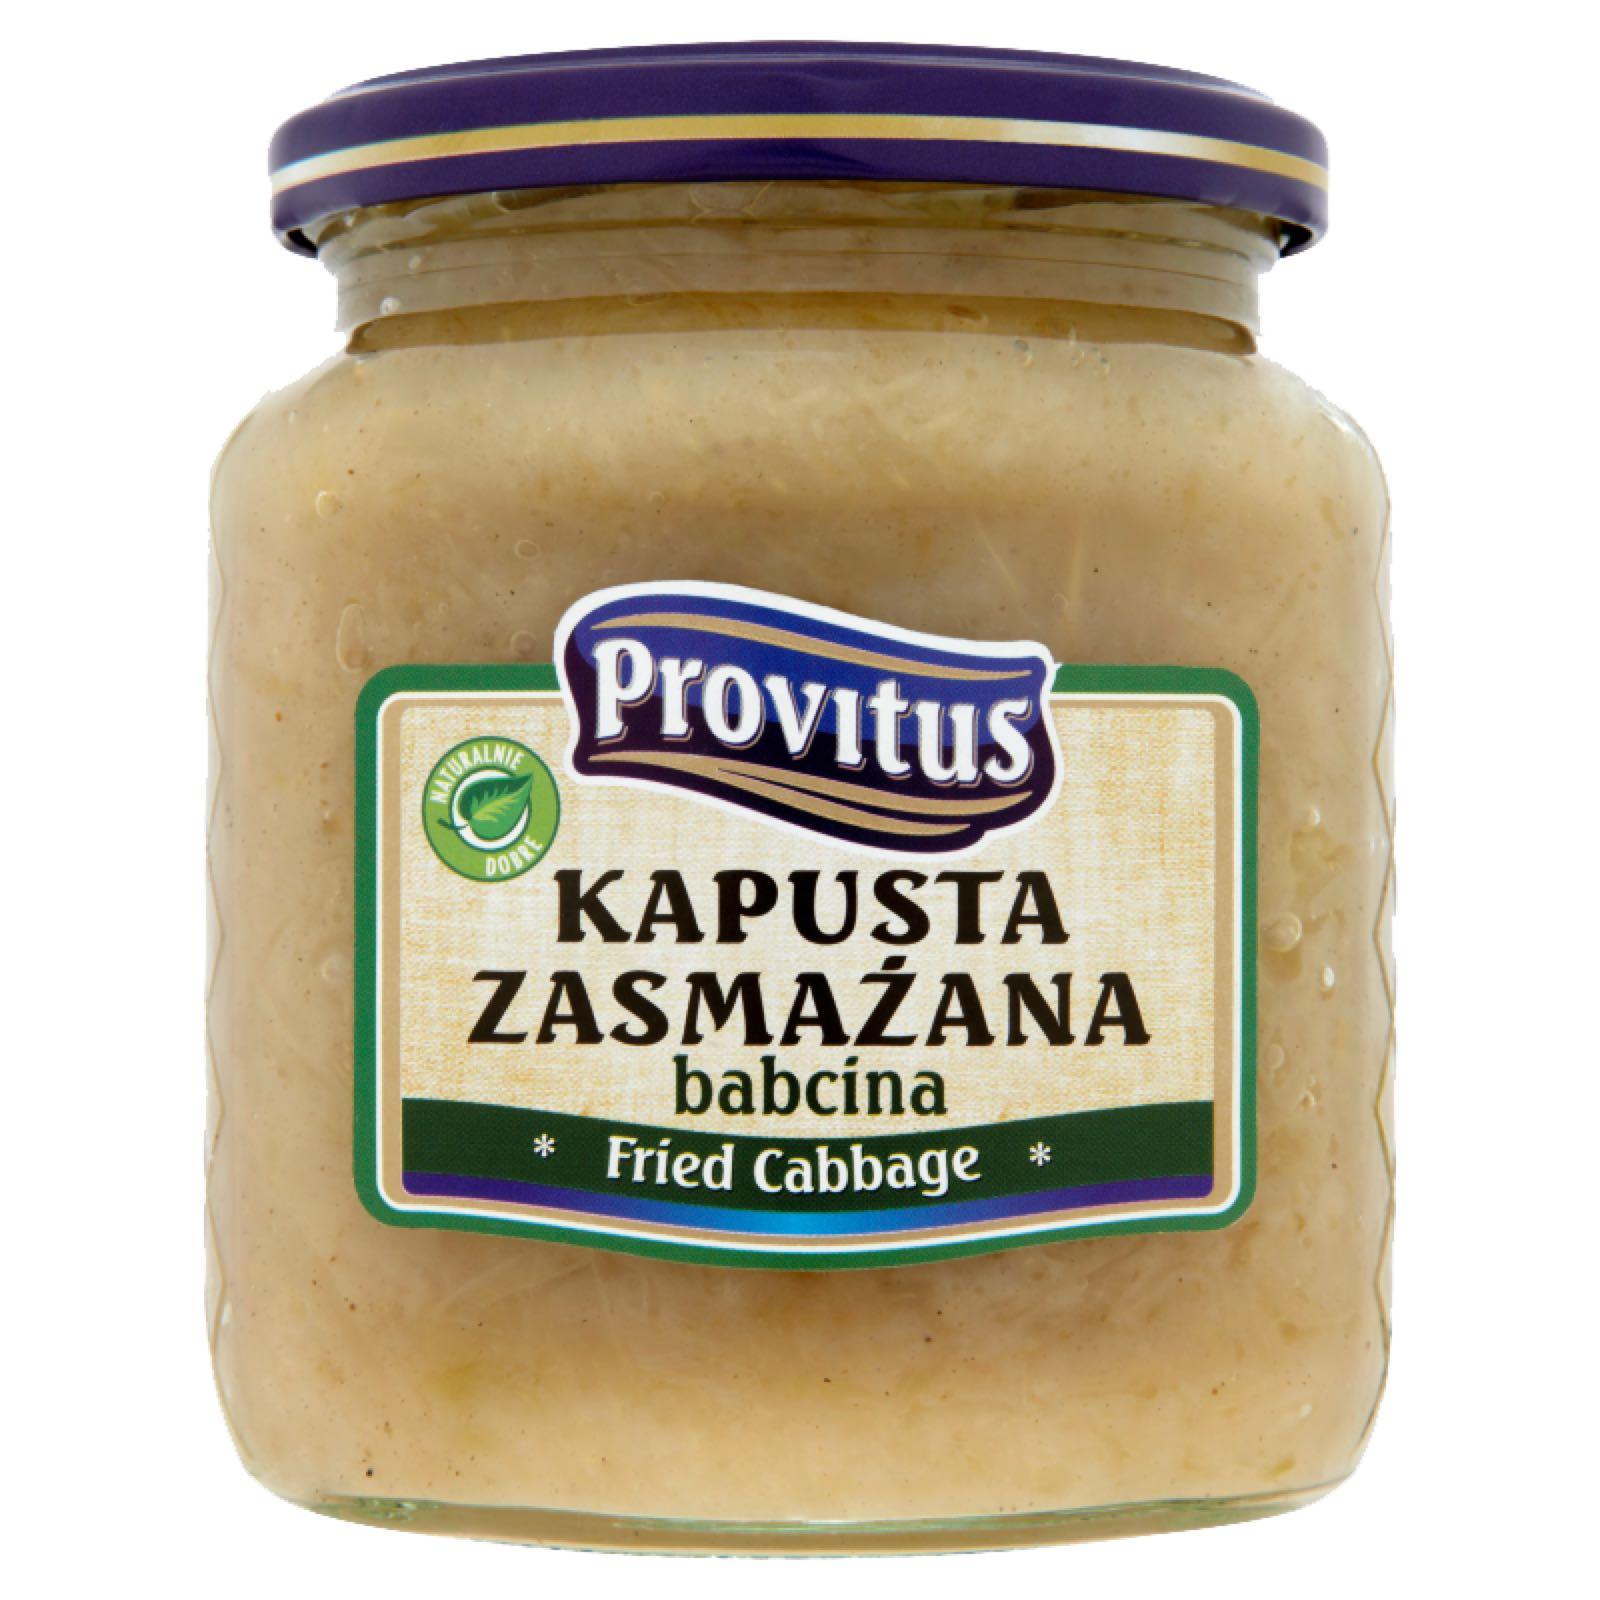 Paistettua hapankaalia - Kapusta zasmazana Provitus 480g